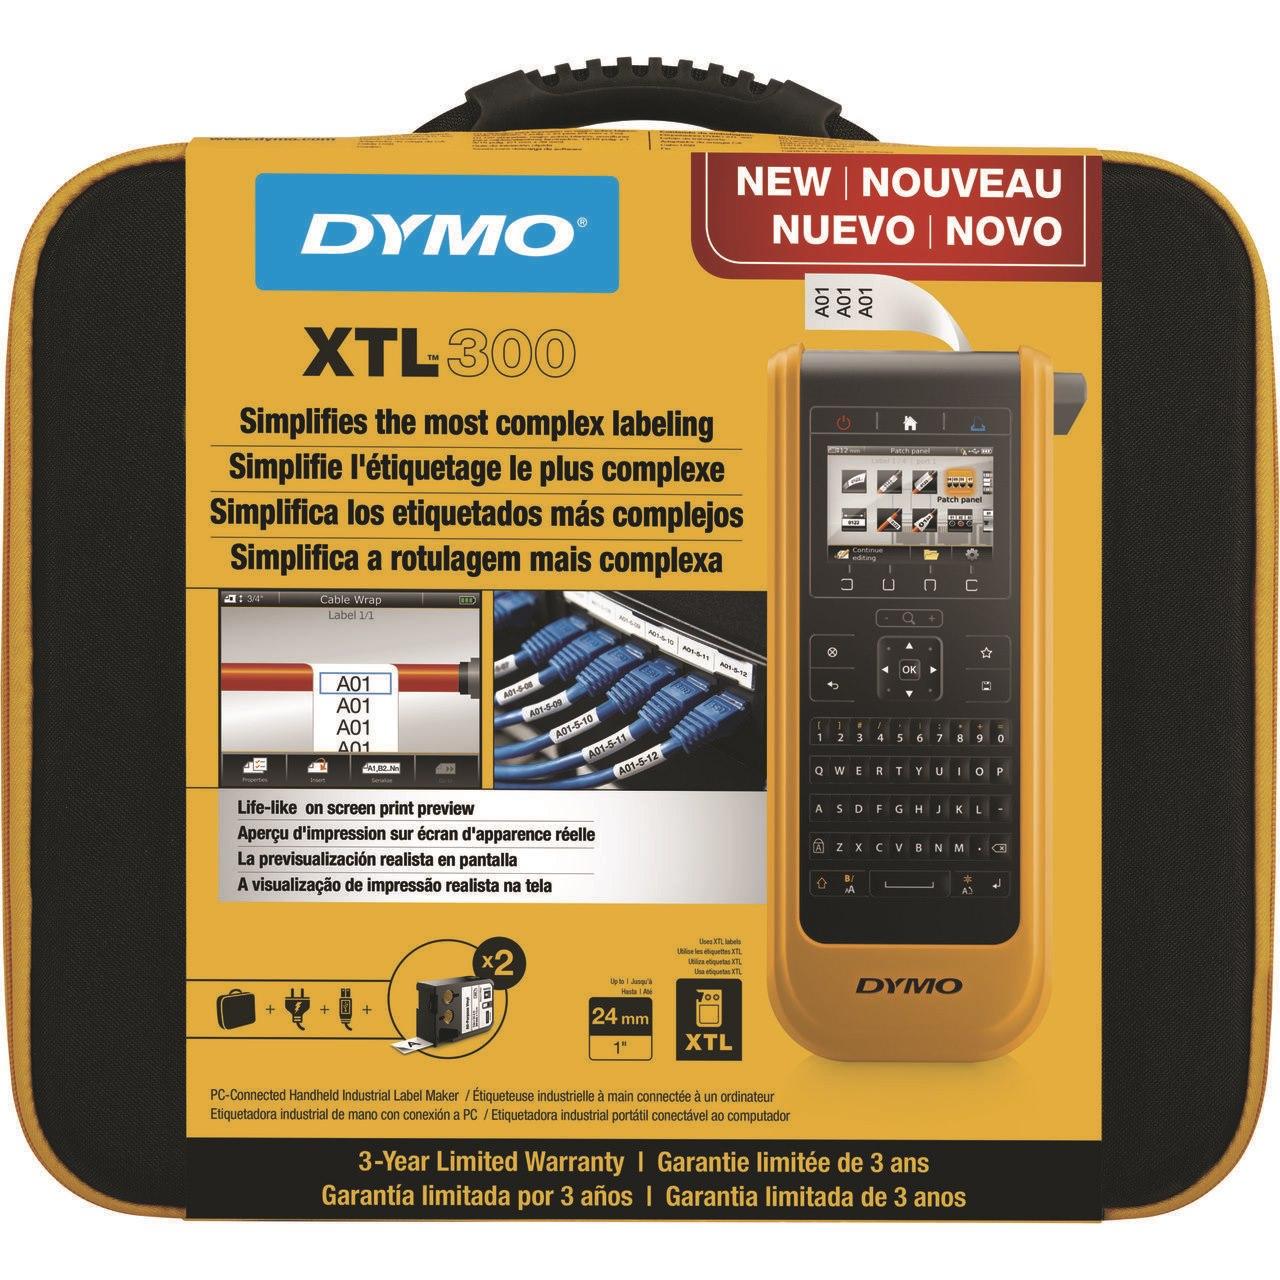 Dymo DY XTL 300 Printer Kit Qwerty